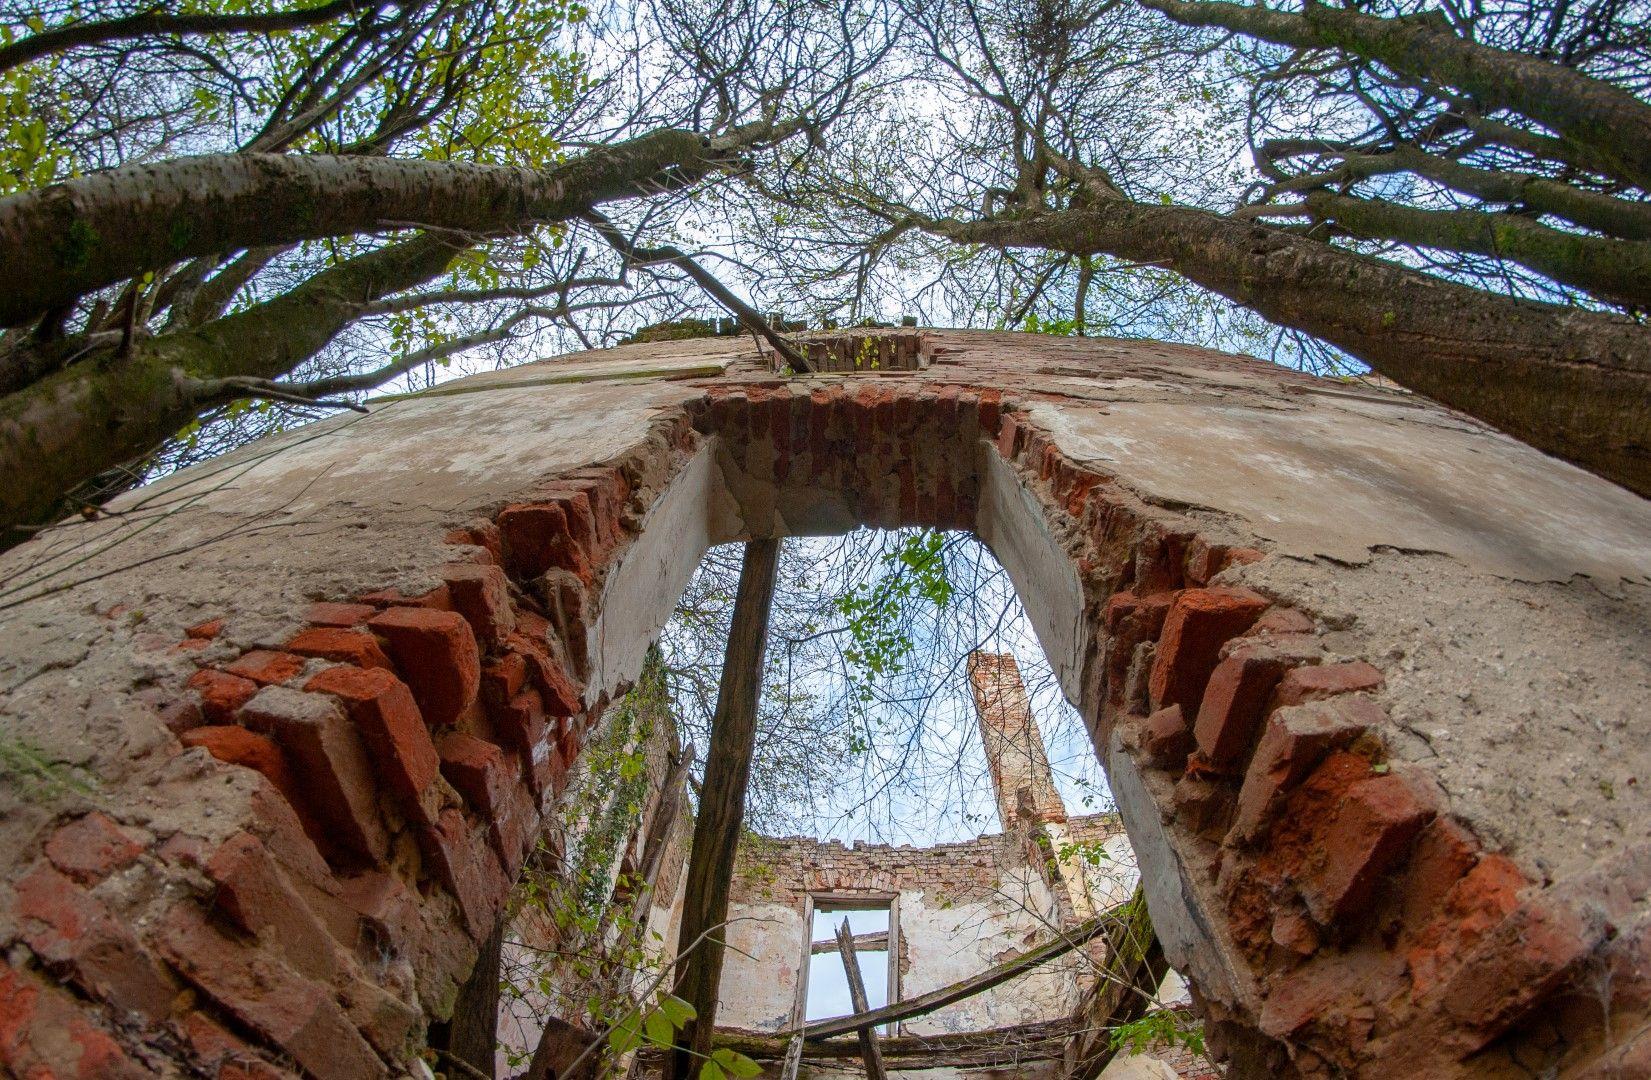 Kurija, Blahimir, Božjakovina, Lješčara ruševine